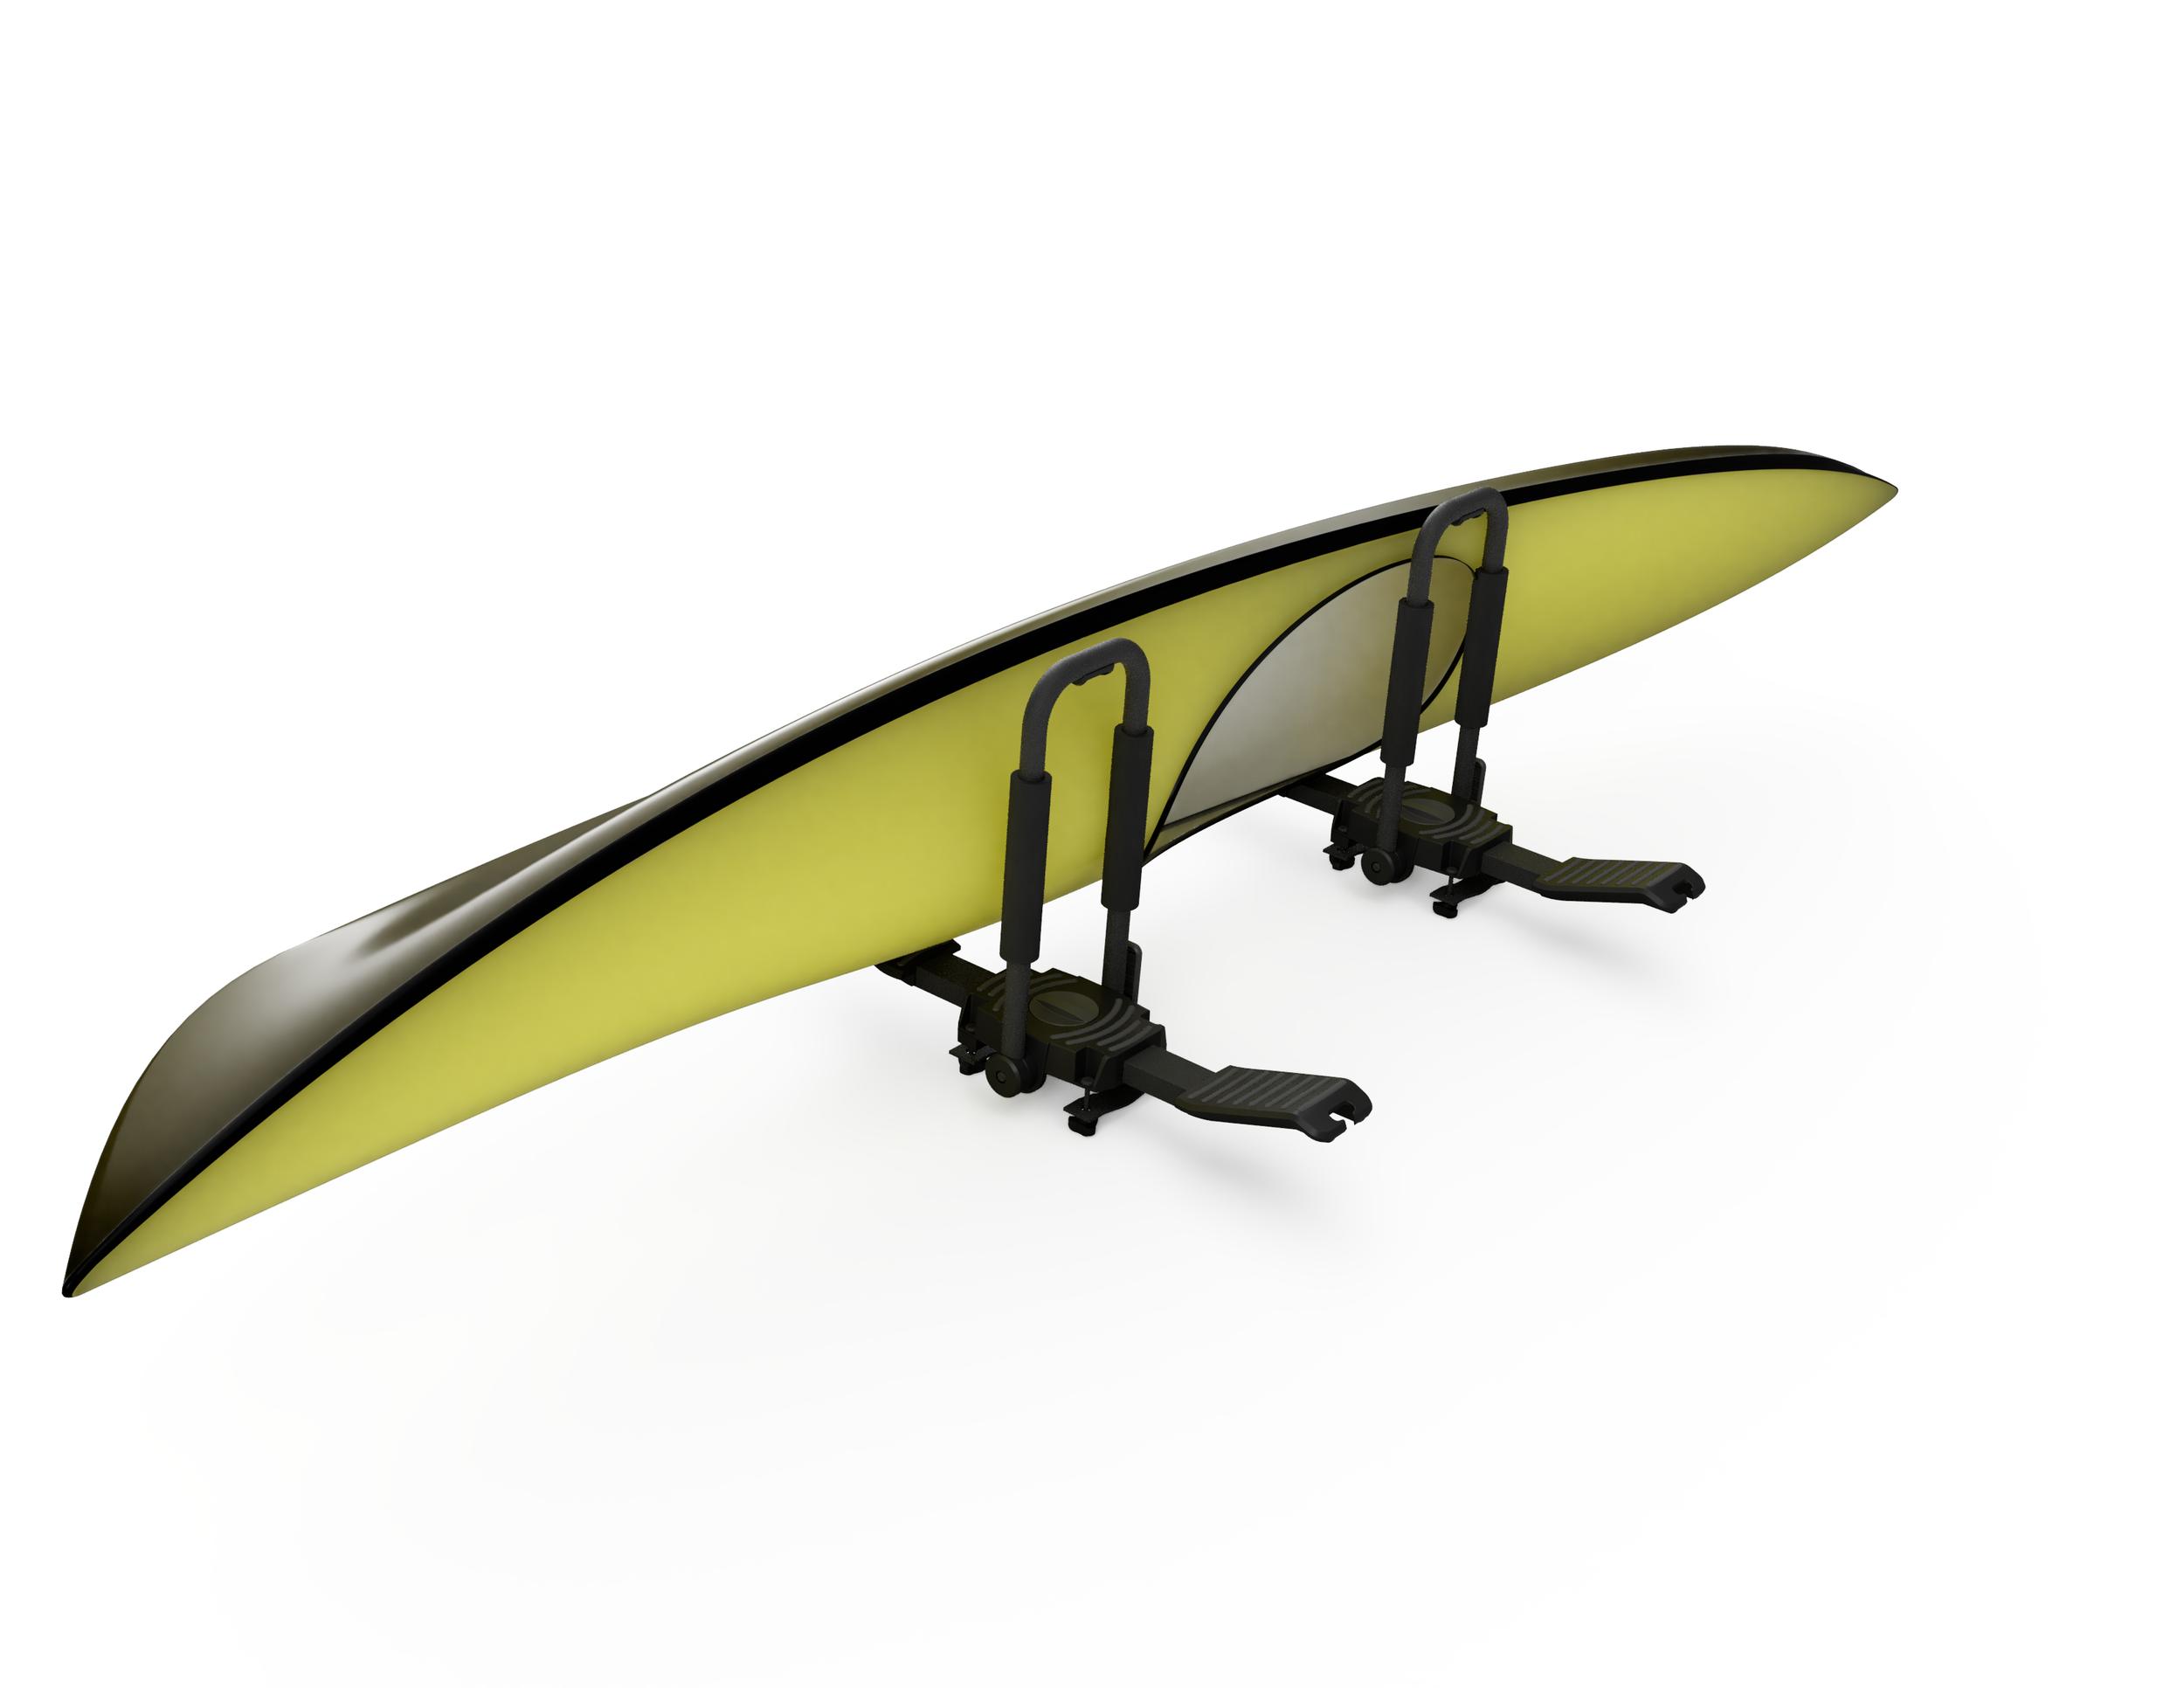 Kayak_Rack__Assembly_2019-Jun-04_08-51-37PM-000_CustomizedView6825097195.png